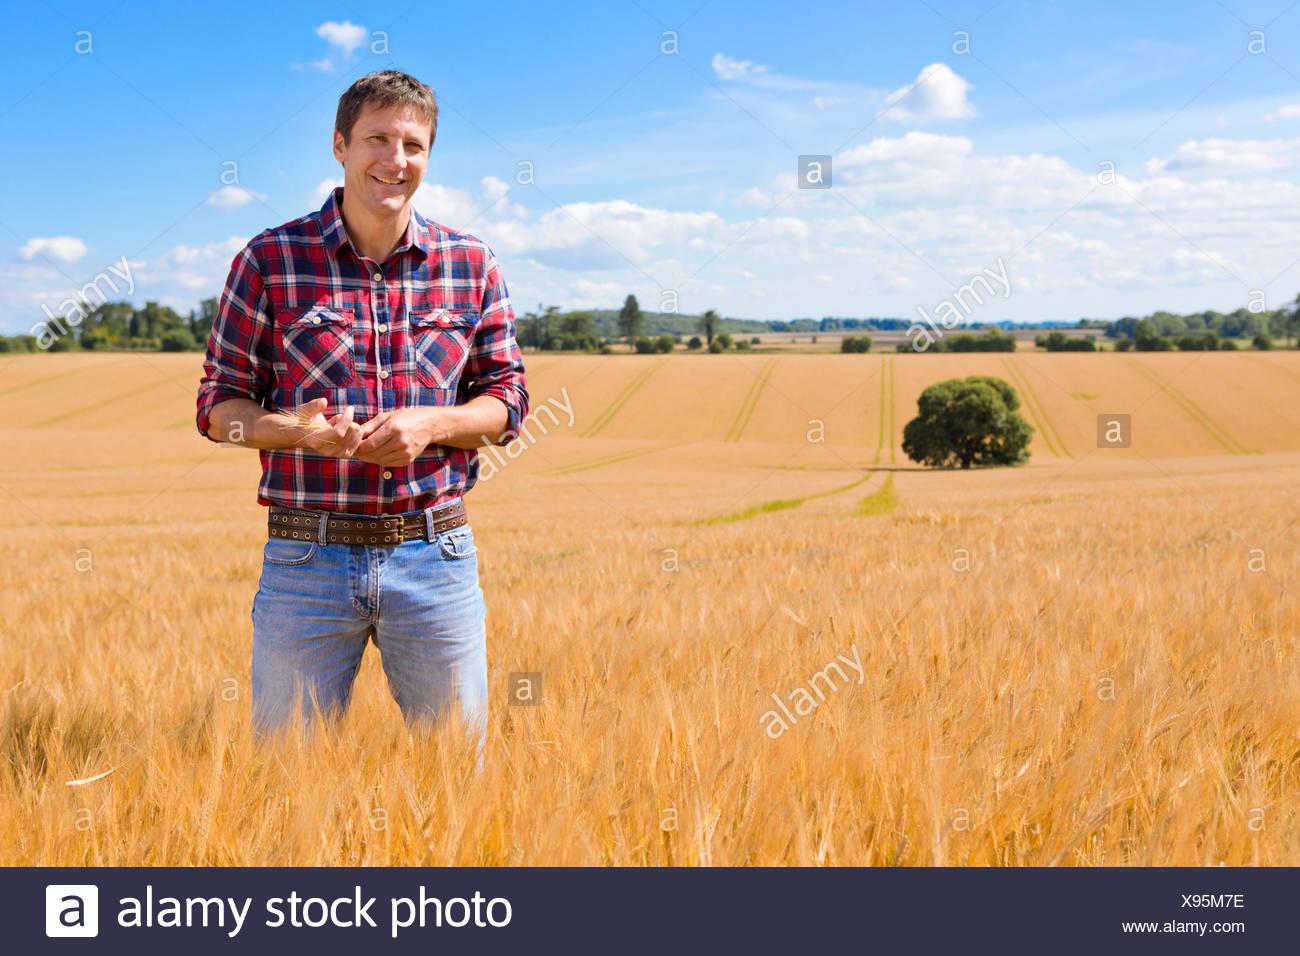 Portrait confiant agriculteur en milieu rural ensoleillée en été sur le terrain de la récolte d'orge Photo Stock